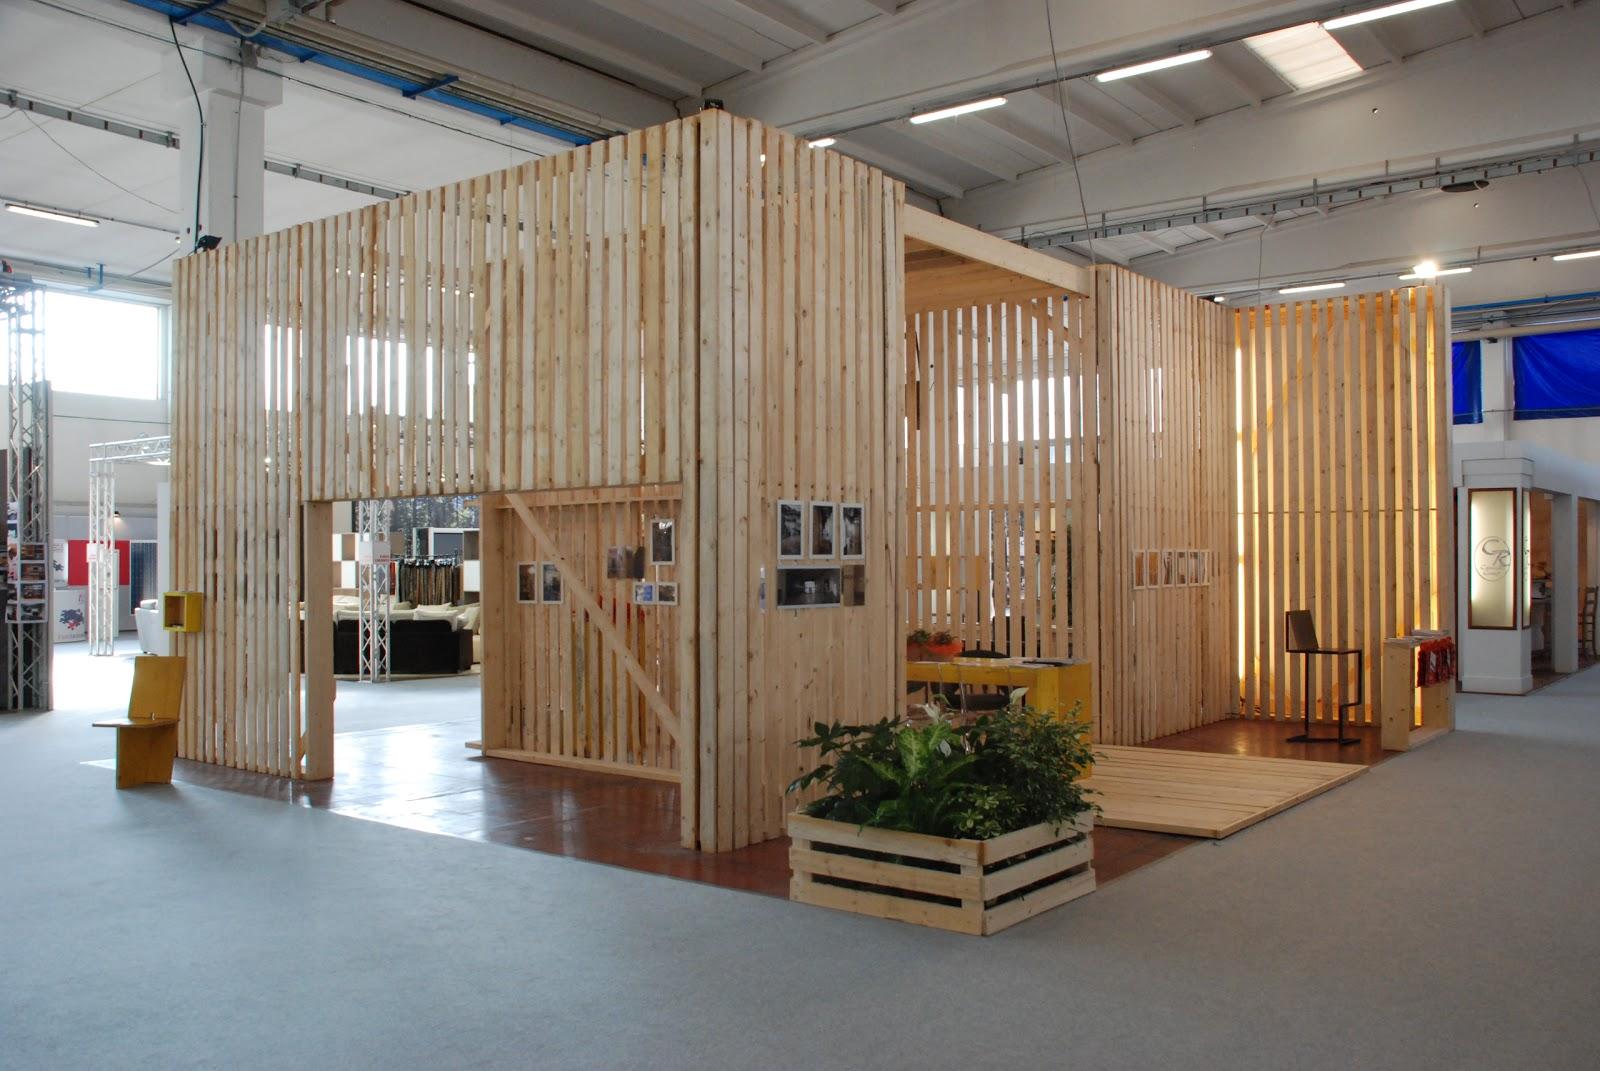 Eco stand studio di architettura a verona case passive for Eco architettura